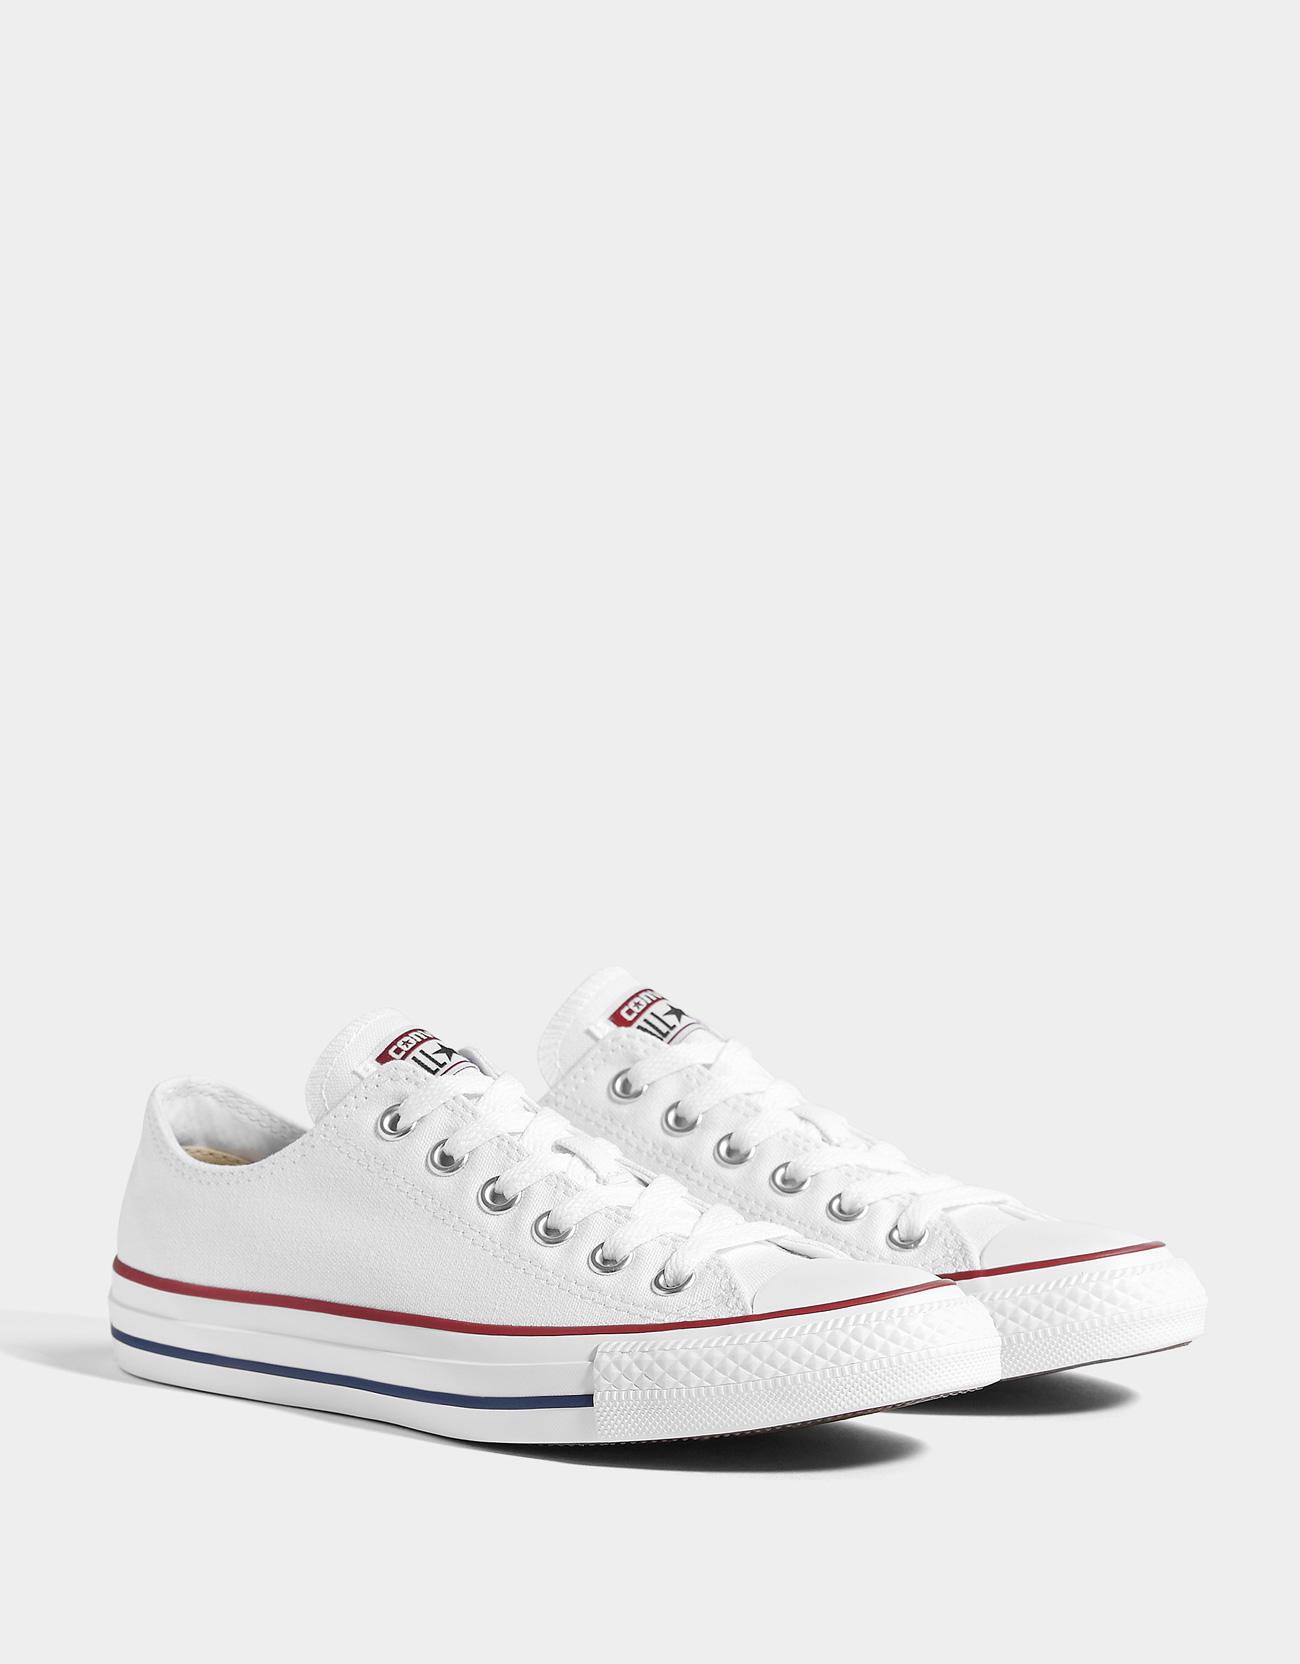 f17a034b4da00 CONVERSE CHUCK TAYLOR ALL STAR sneakers - New - Bershka ...